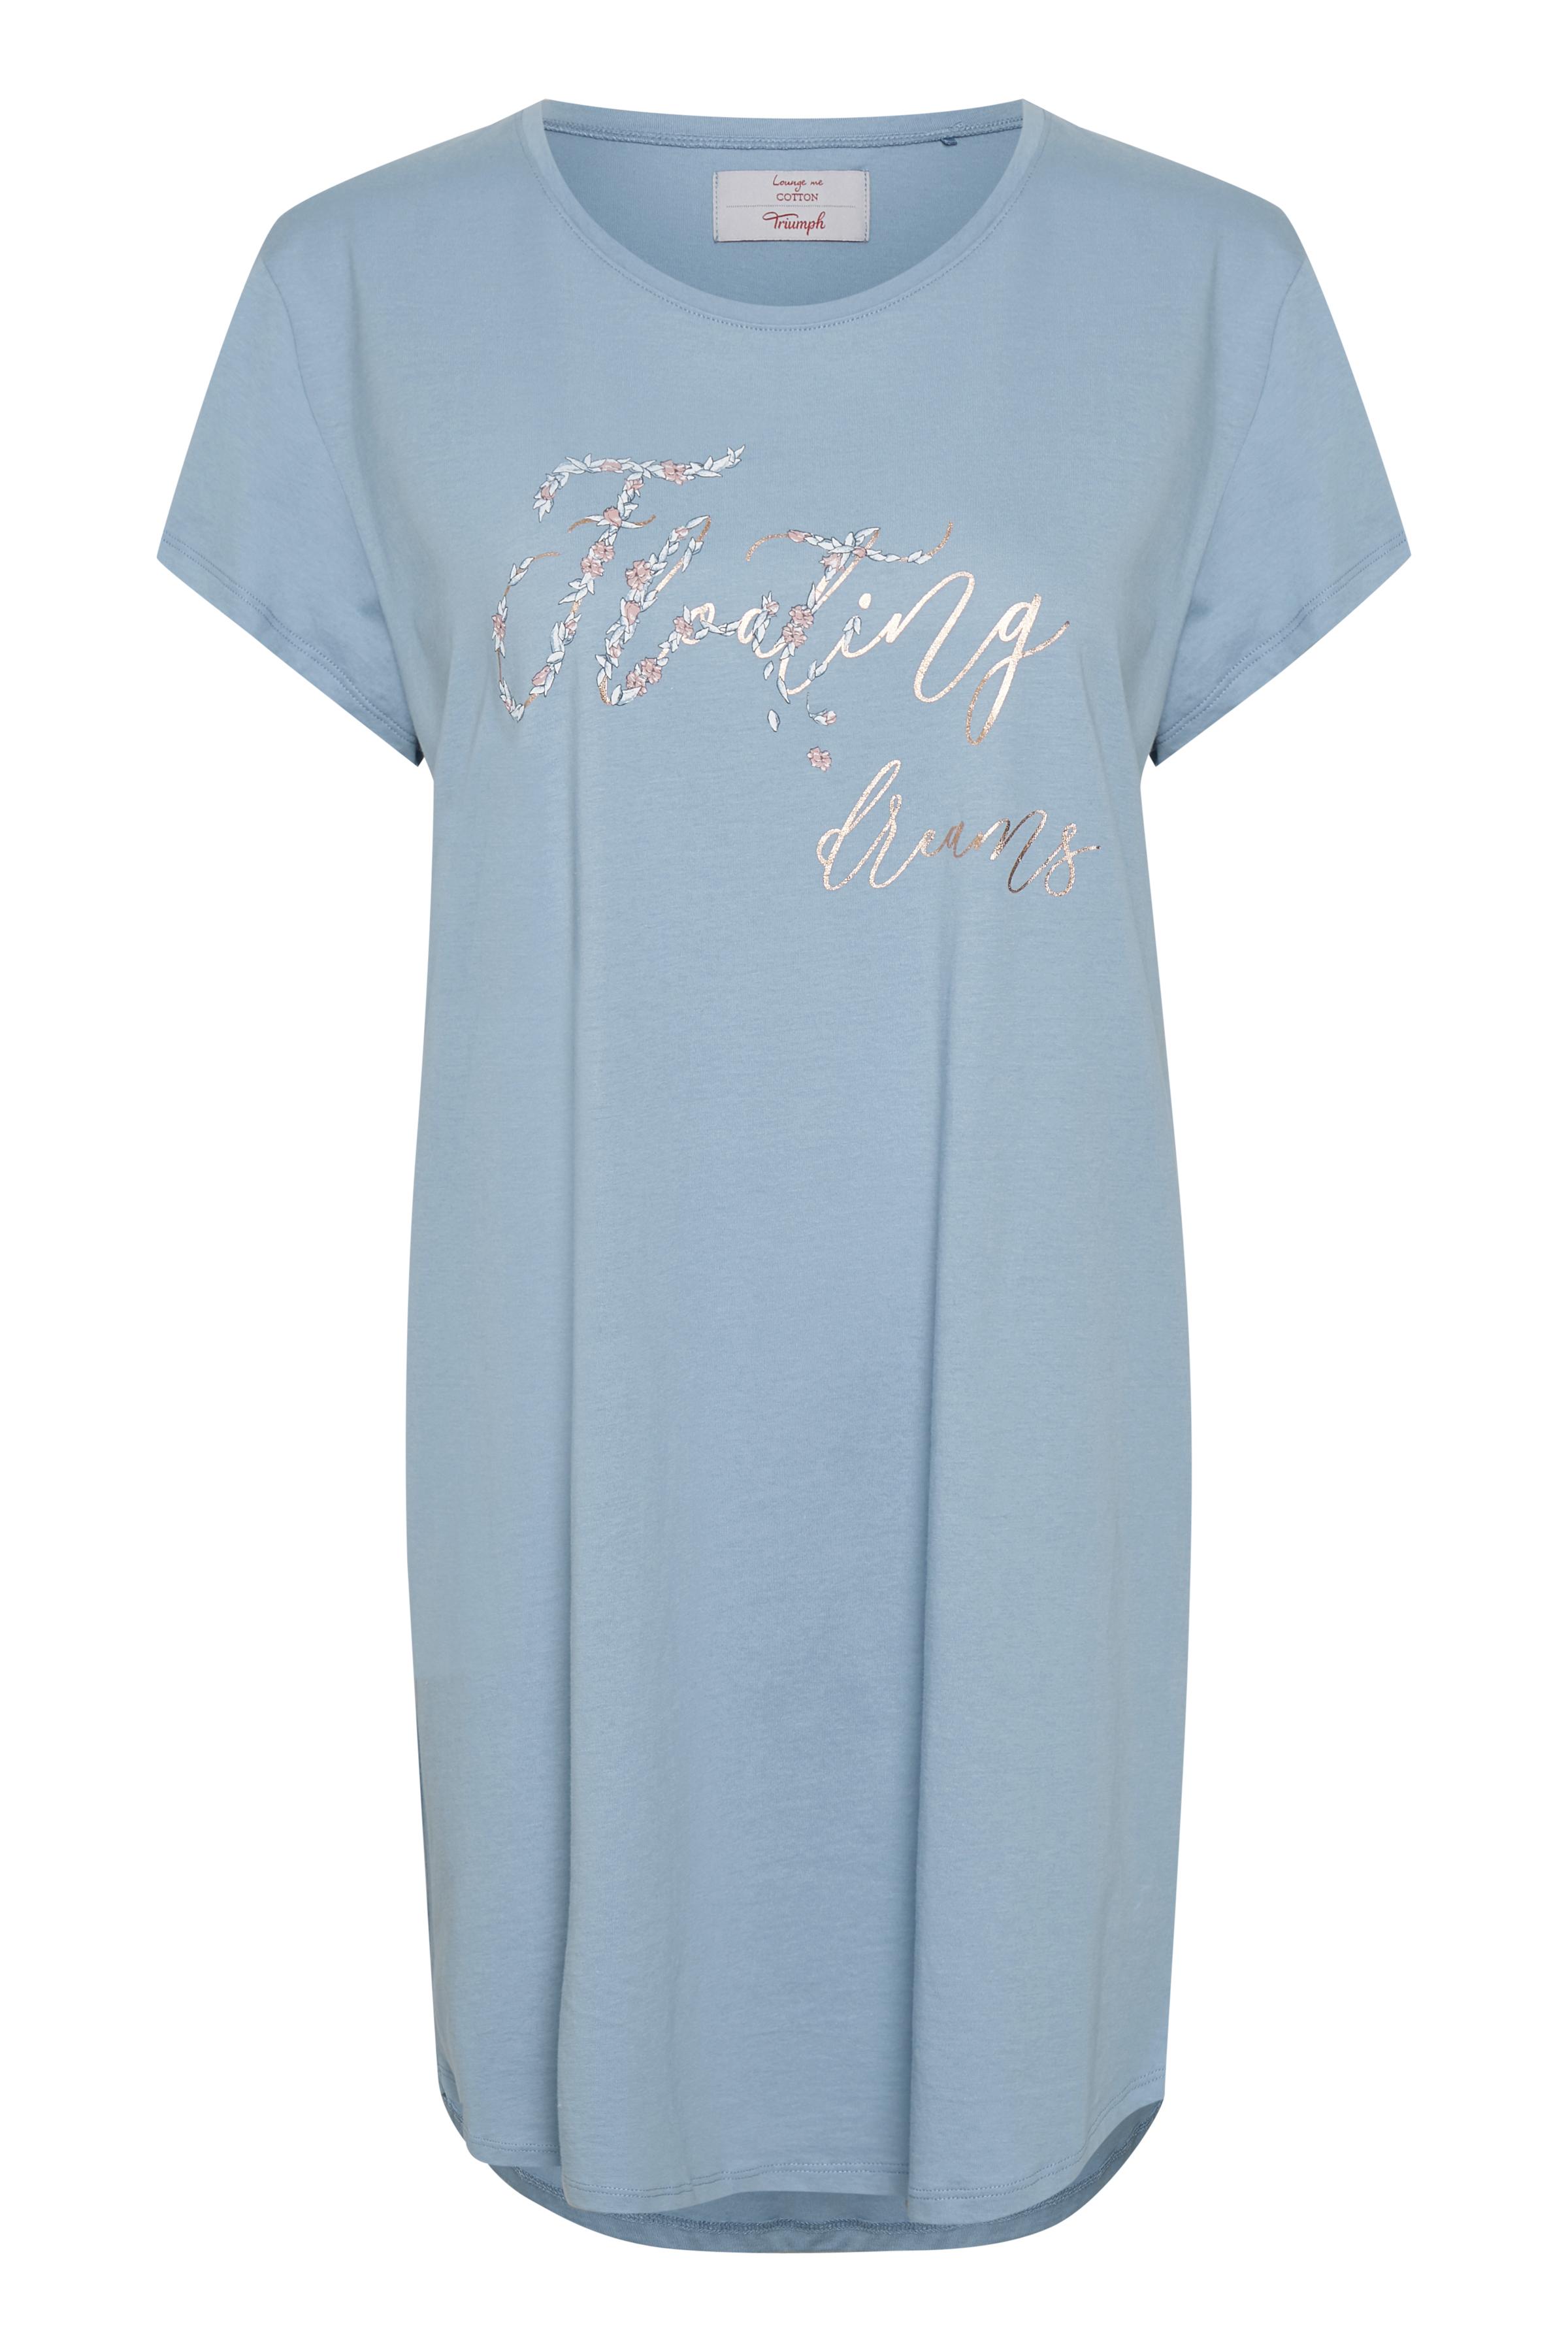 Dimblå Nattkläder från Triumph – Köp Dimblå Nattkläder från stl. 36-48 här